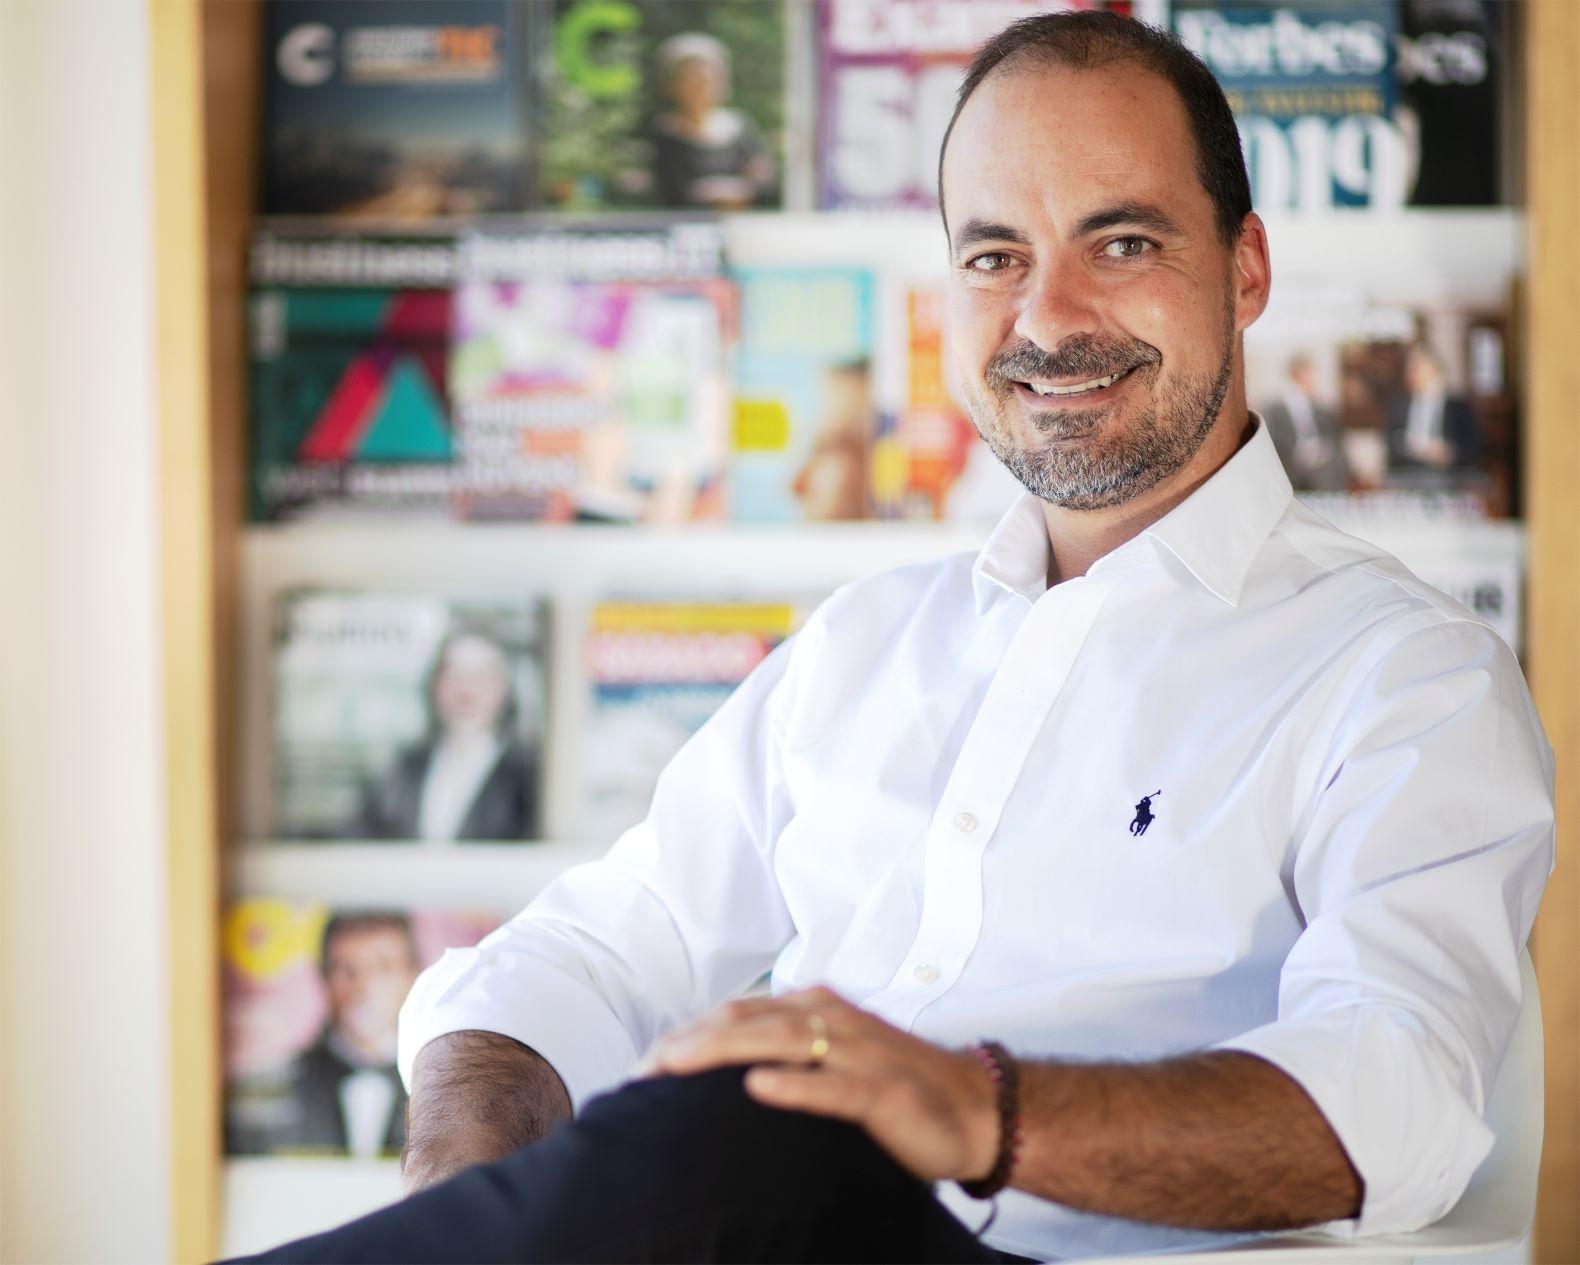 Luís Baião, head of production da White Way